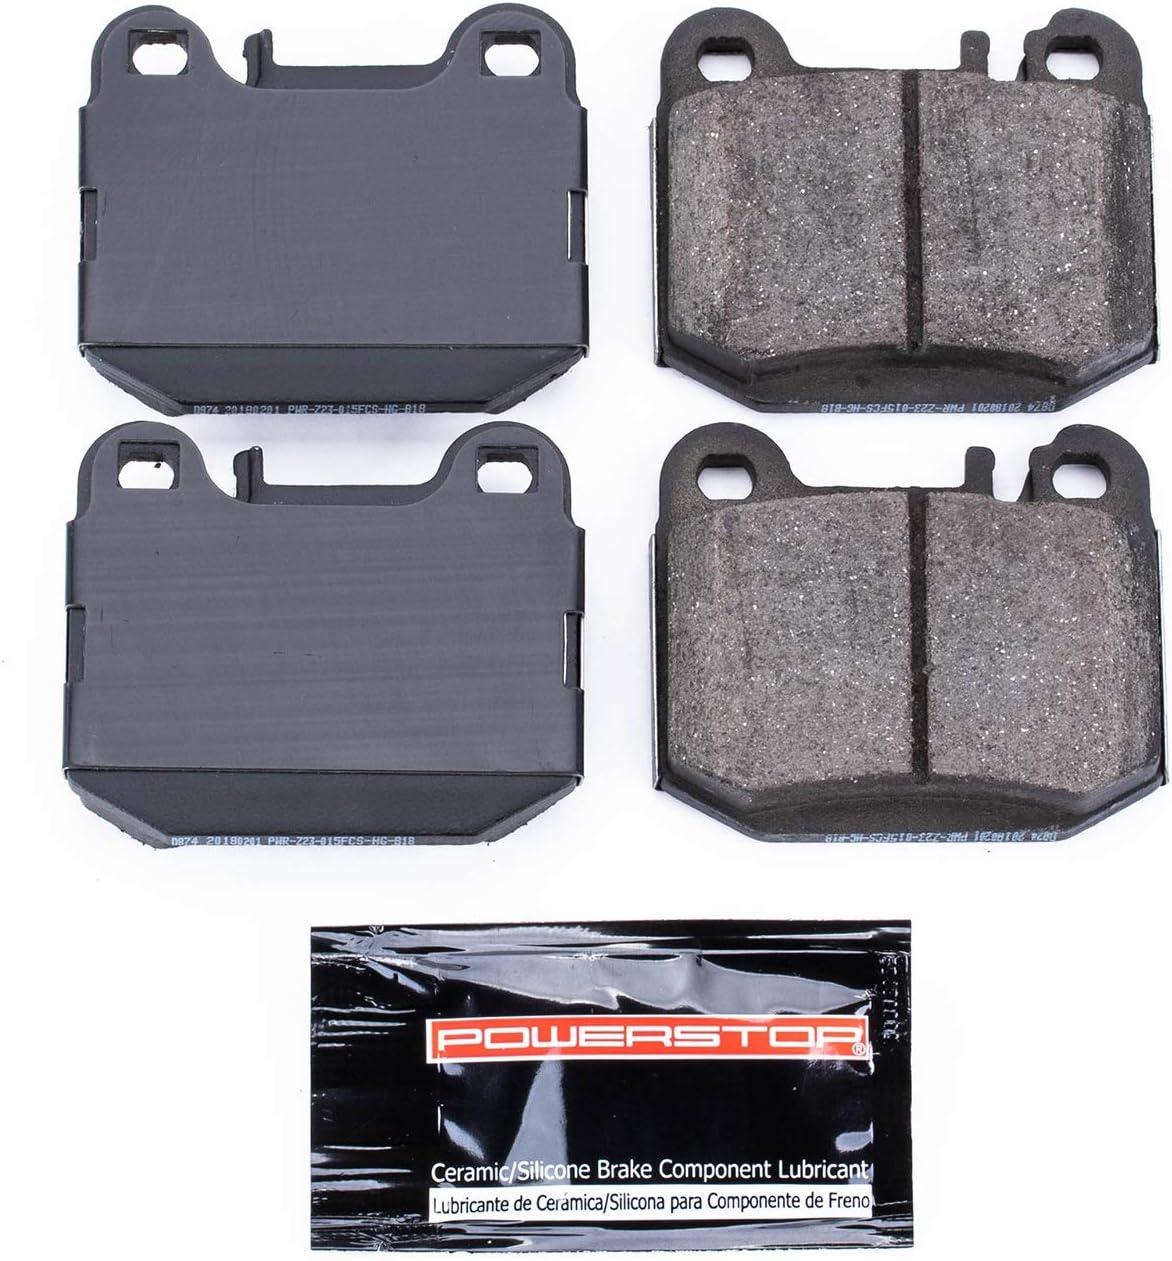 Power Stop Z23-1594 Z23 Evolution Rear Carbon-Fiber Ceramic Brake Pads